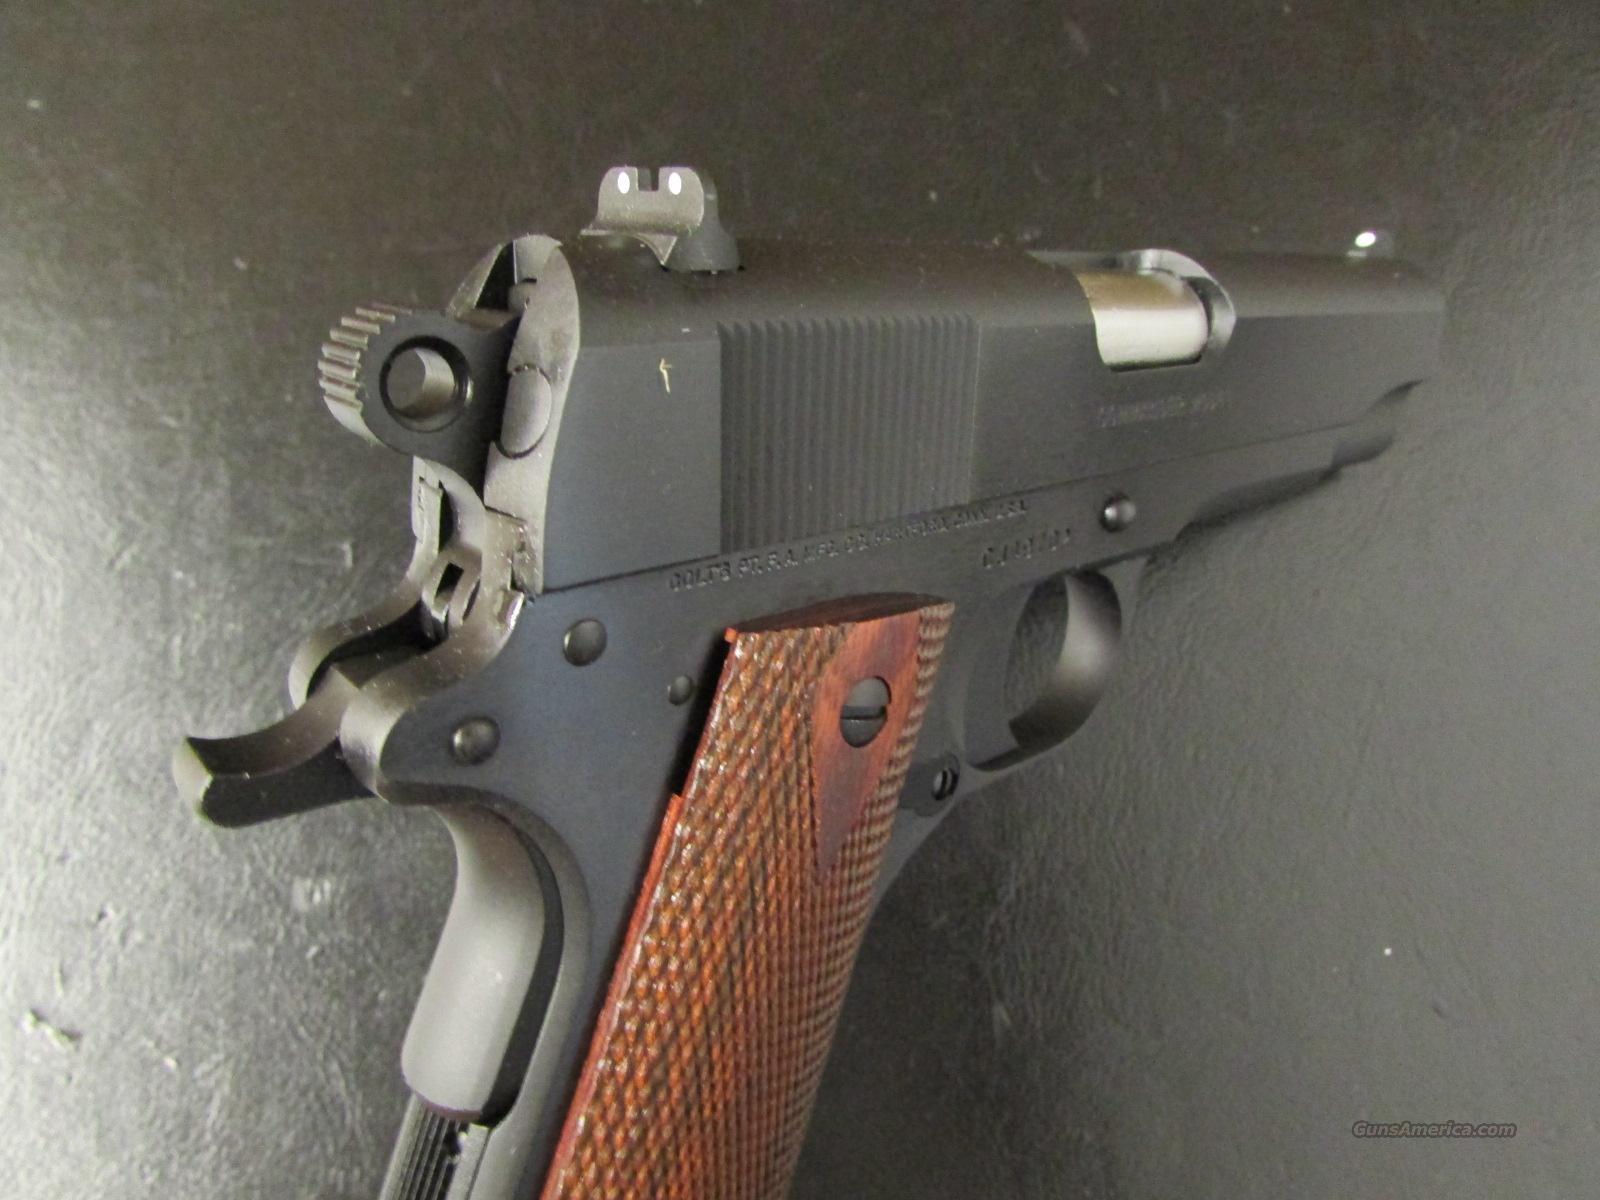 Colt 1991 A1 Blued Commander Size 1911 45 Acp For Sale